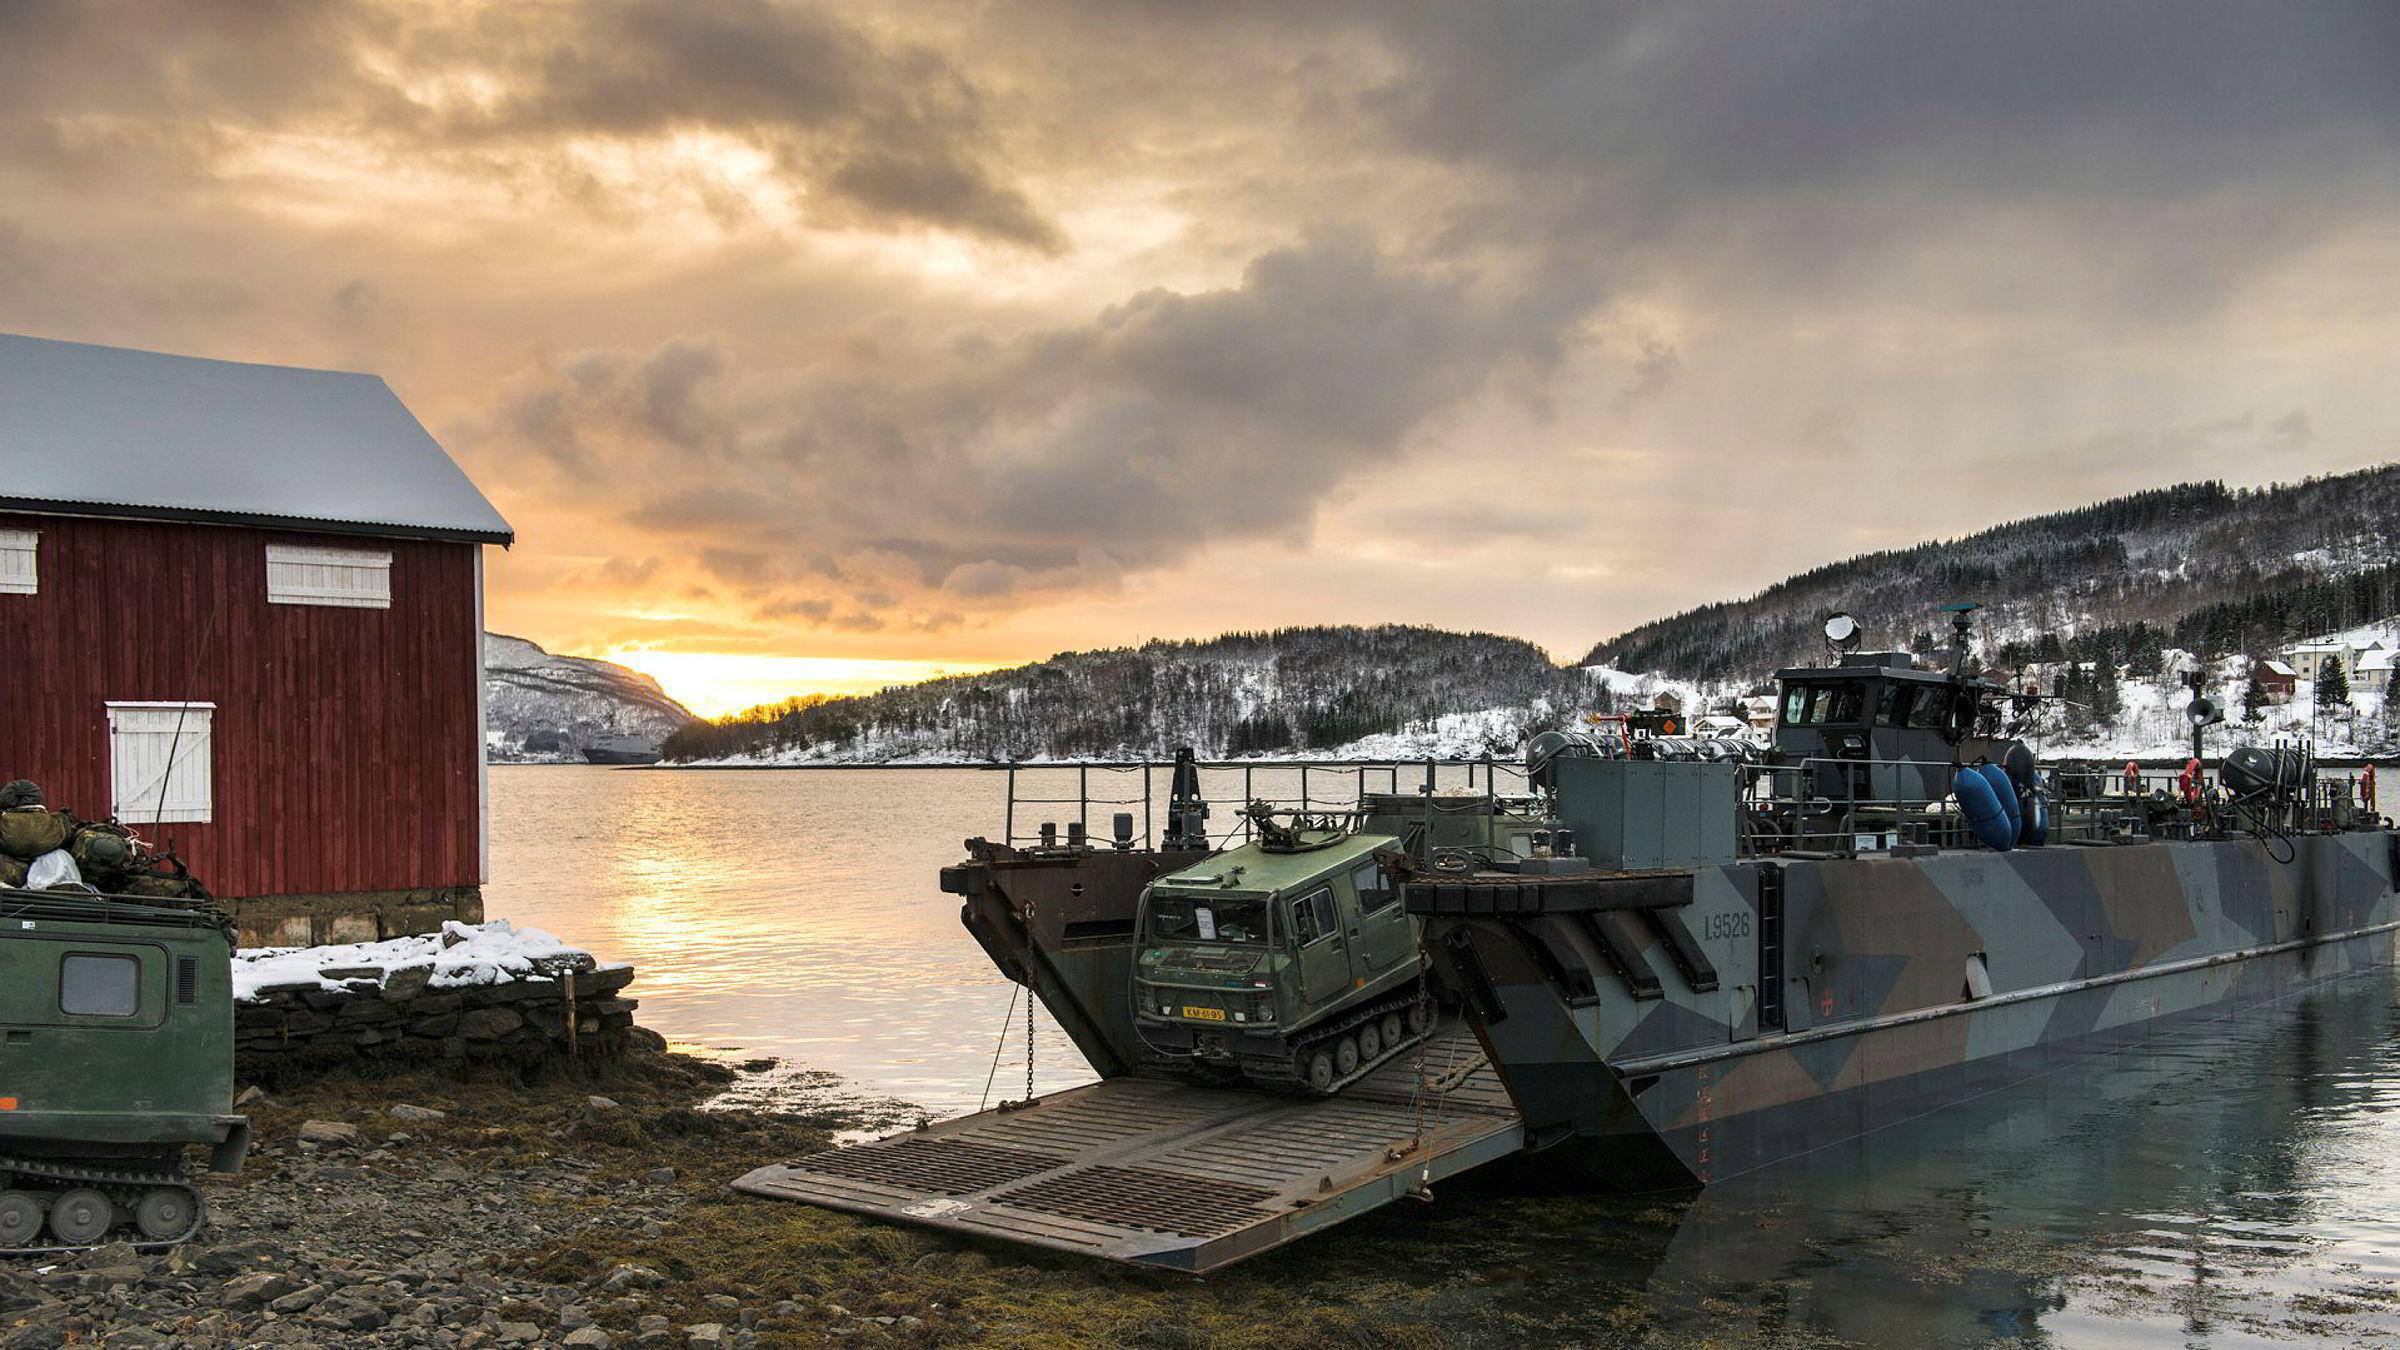 Forsvaret av Nord-Norge må baseres på en annen stridsidé enn bruk av mekaniserte bakkestyrker, skriver artikkelforfatteren.